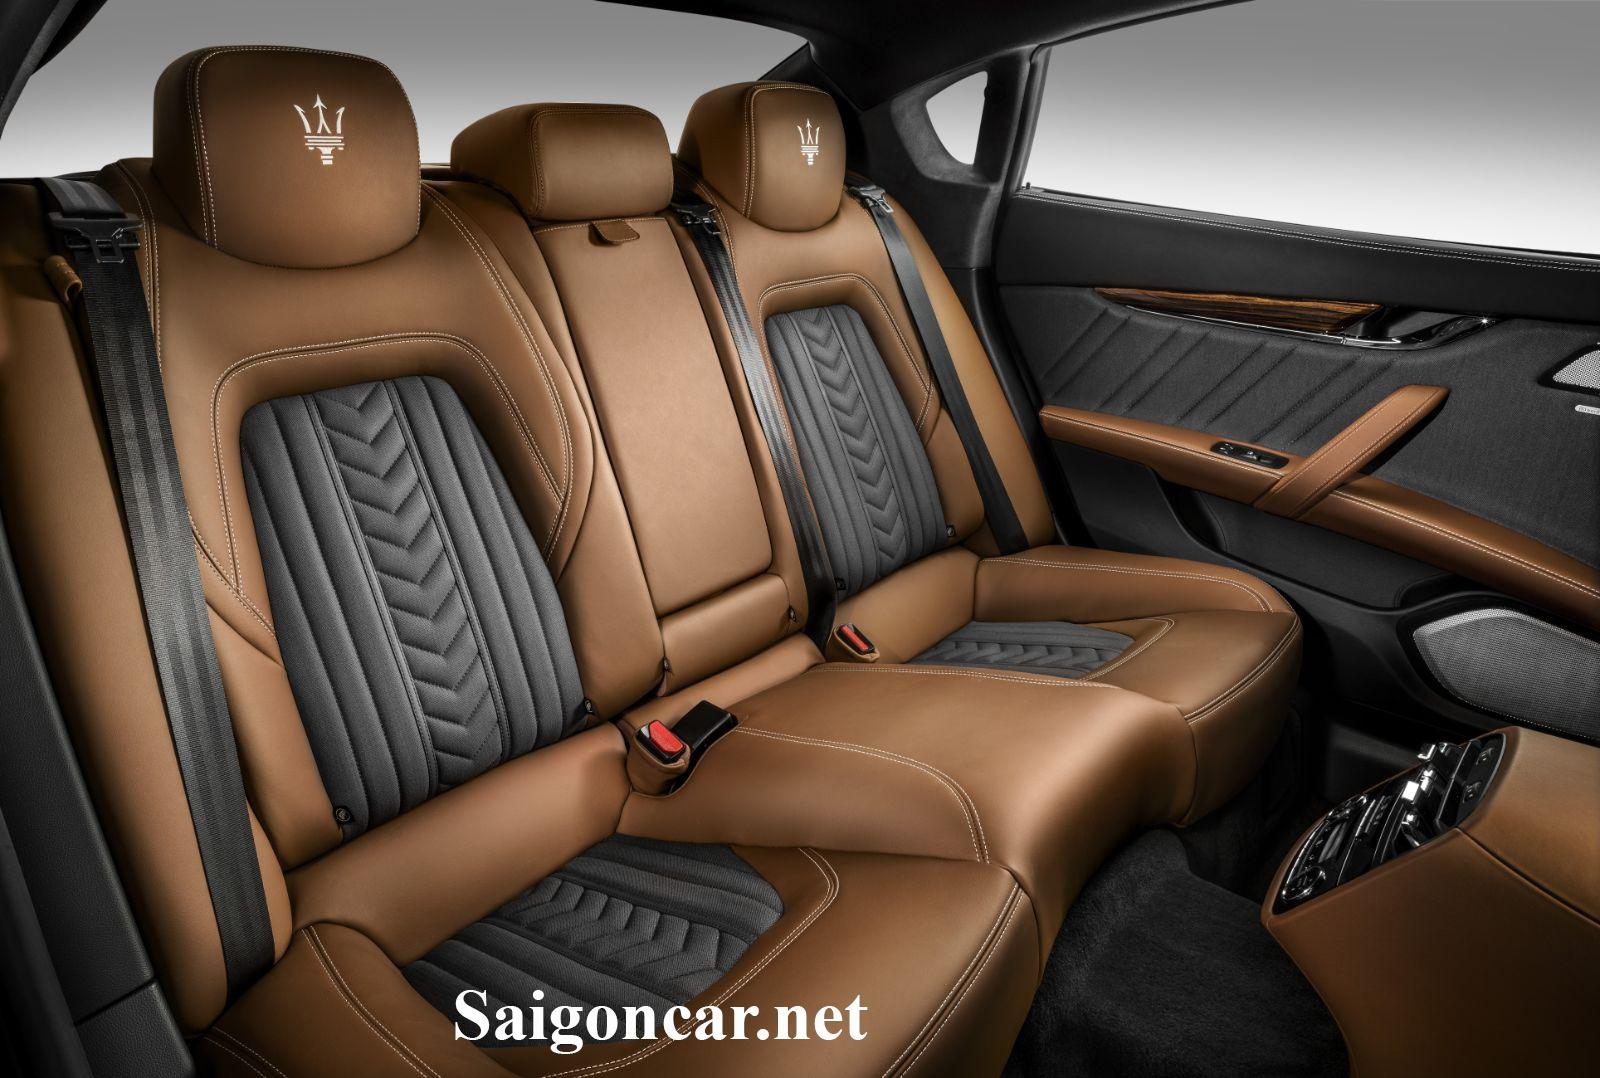 Maserati Quattroporte Nội thất sang trọng lịch lãm của thương hiệu xe sang đến từ Ý